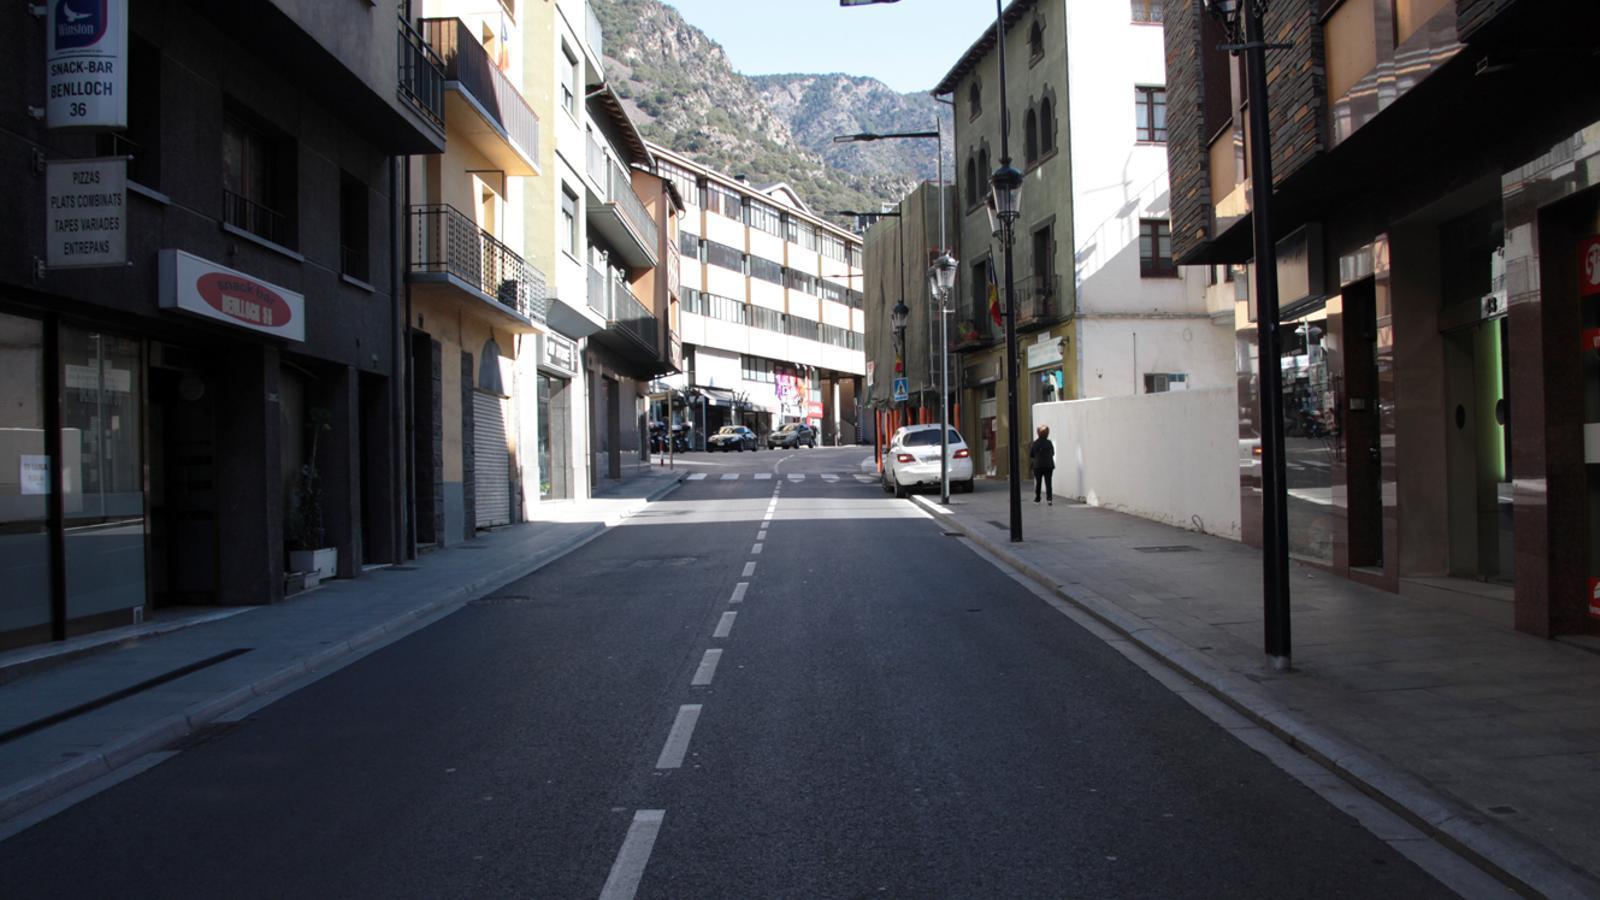 Carrers buits a Andorra la Vella en el Dia de la Constitució. / M. P.